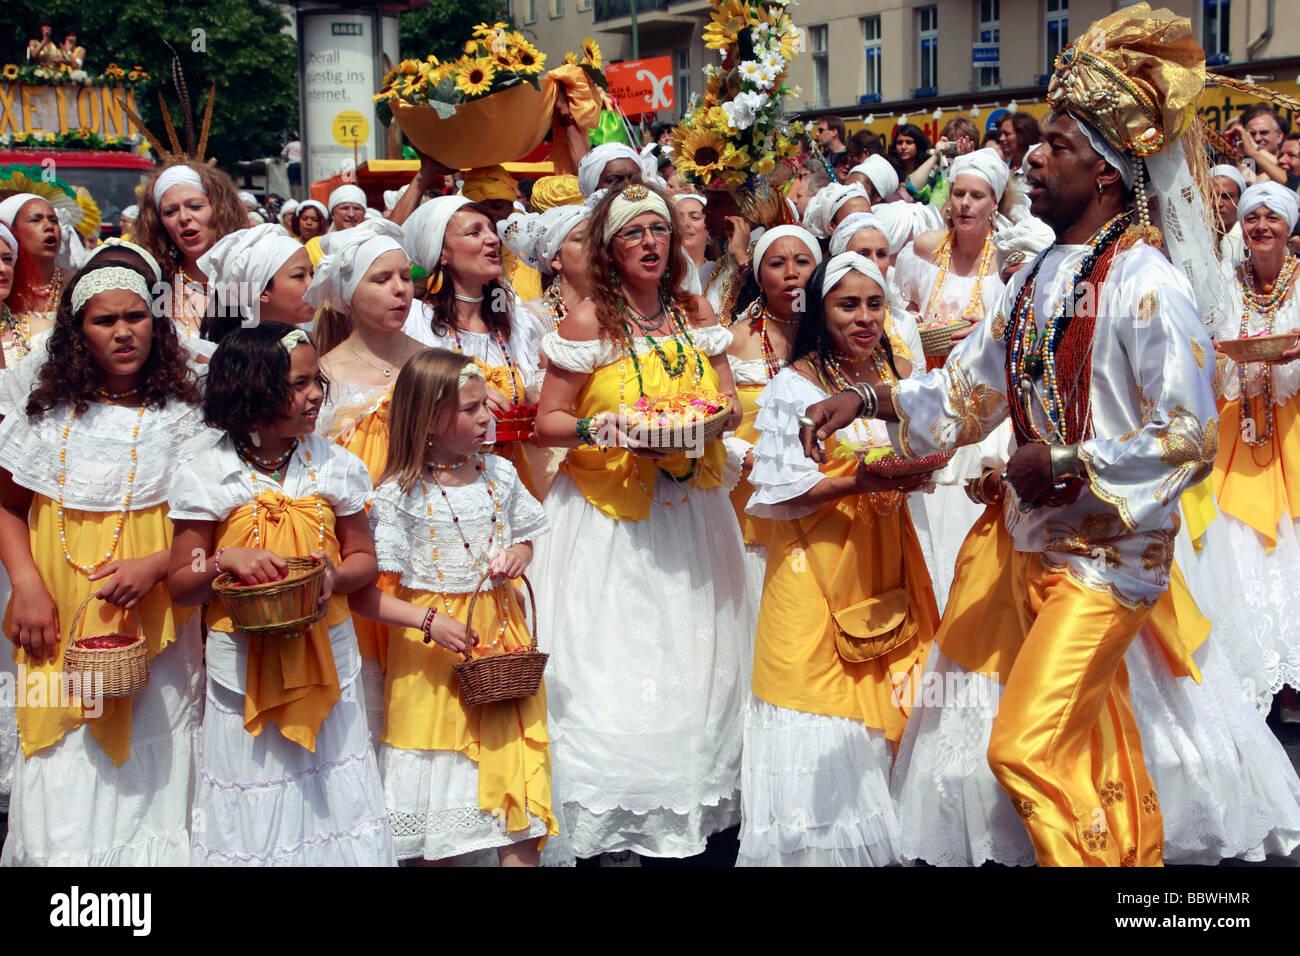 Germania Berlino Il Carnevale delle culture gruppo di cantanti Immagini Stock